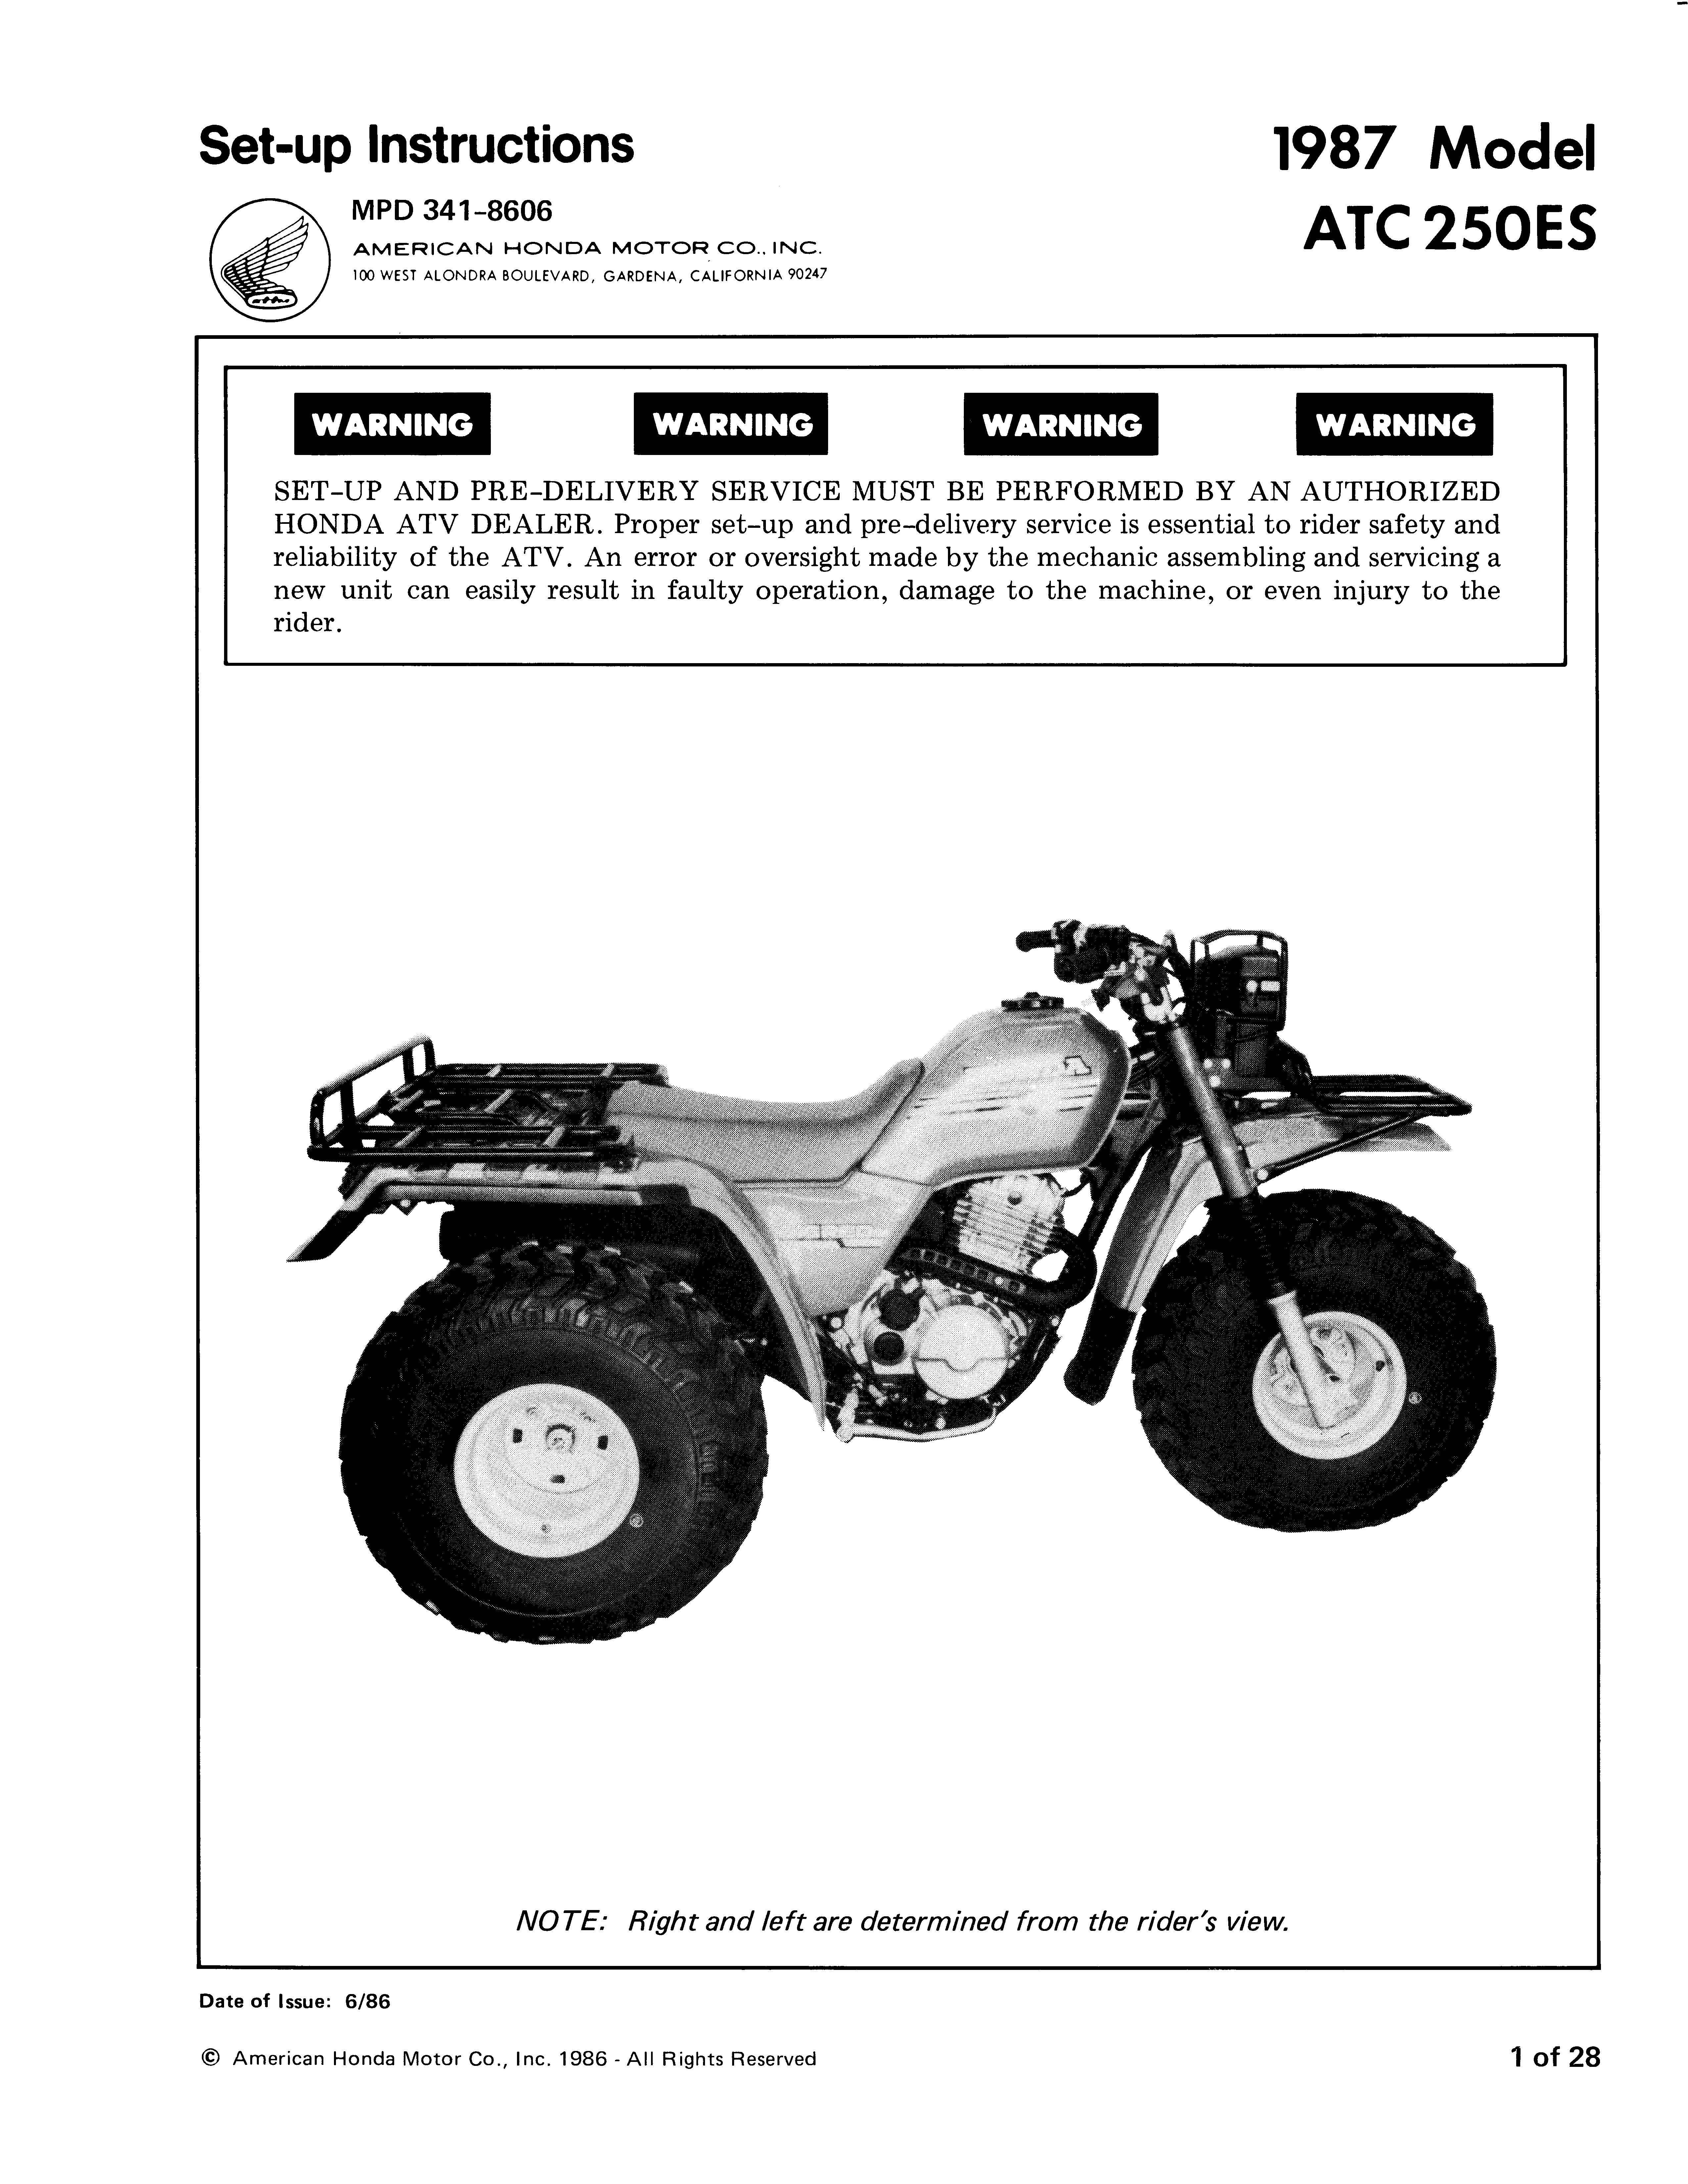 Setupmanual for Honda ATC250ES (1987)